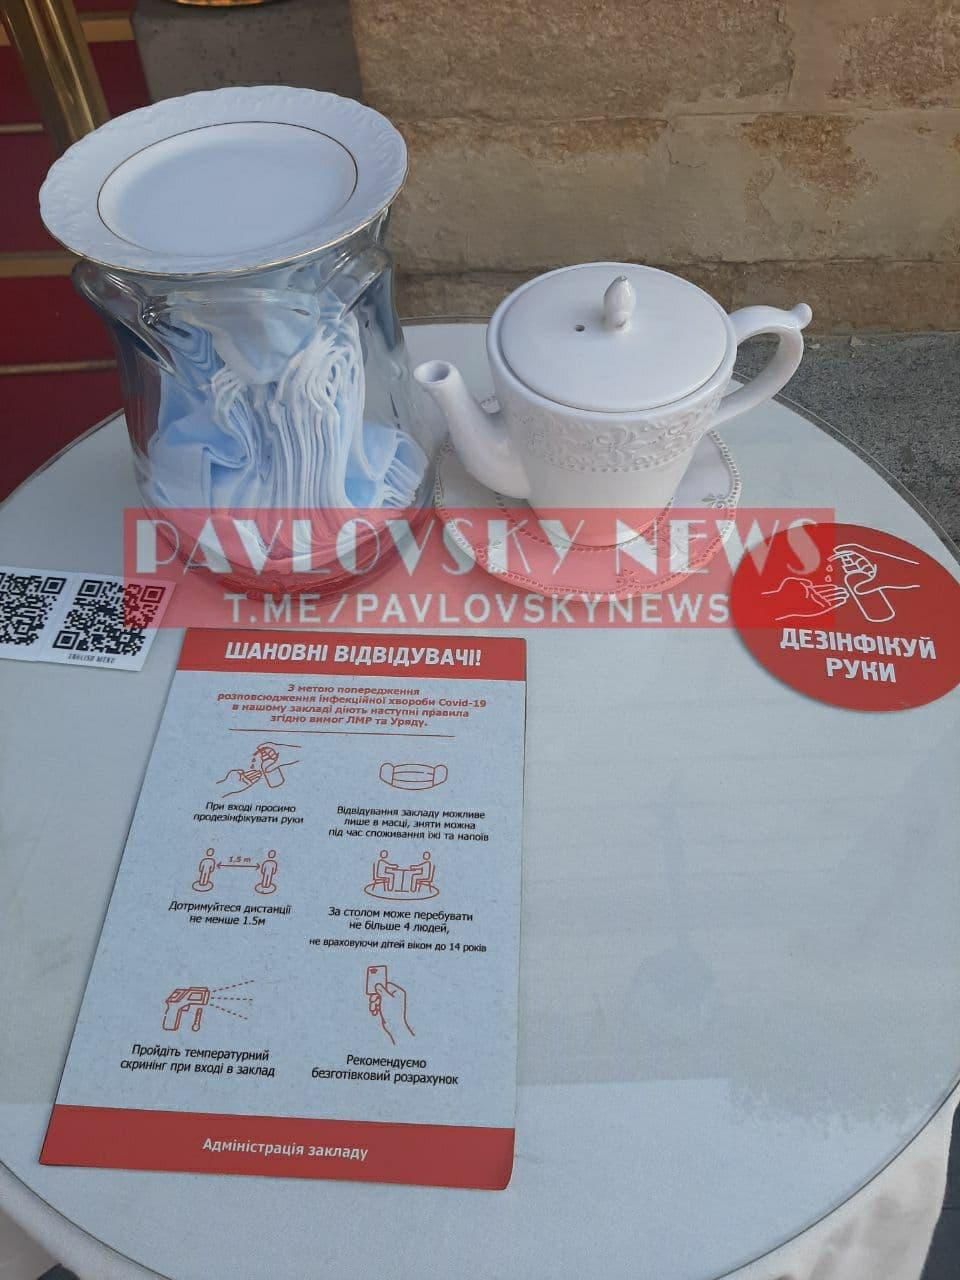 Появились фото из Львова, где кафе обслуживают клиентов, проигнорировав карантин выходного дня